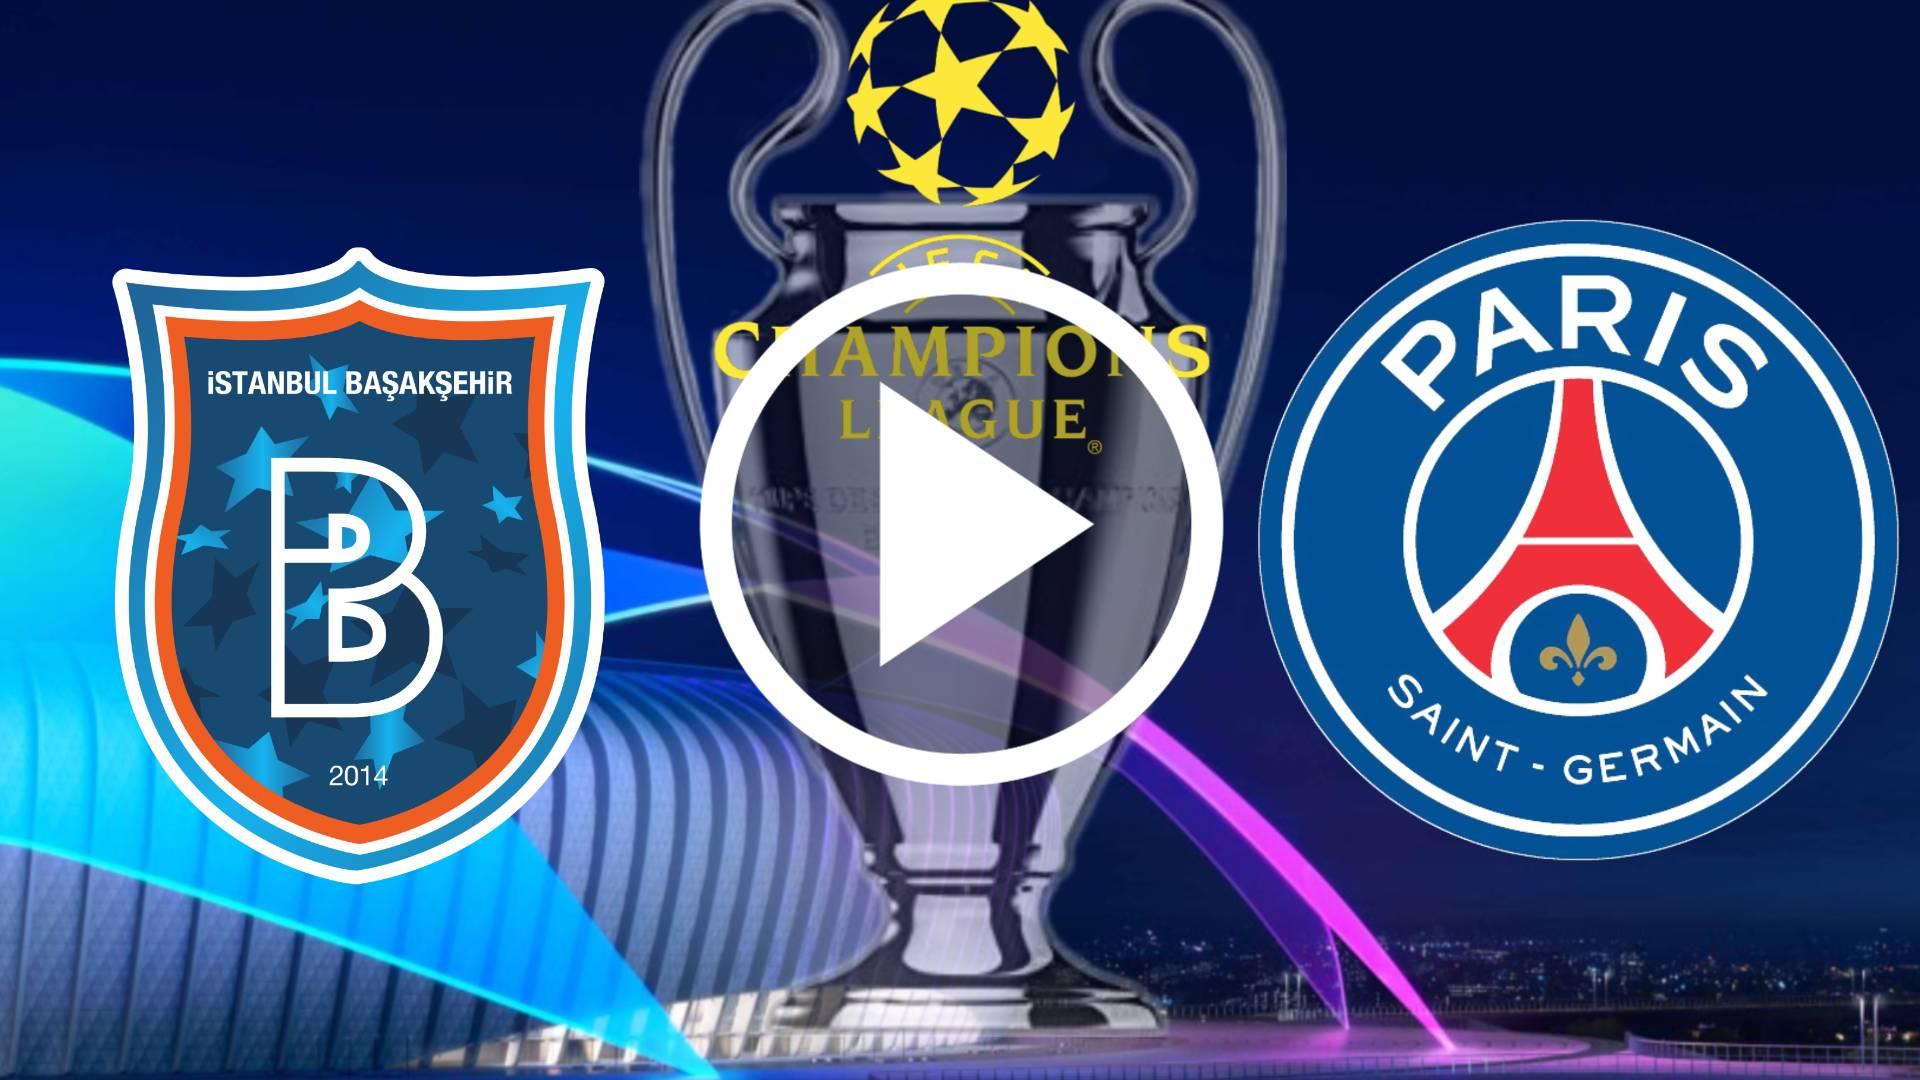 AQUI LO QUE DEBES SABER PARA VER EN VIVO İstanbul Başakşehir - PSG POR LA UEFA CHAMPIONS LEAGUE 20-21